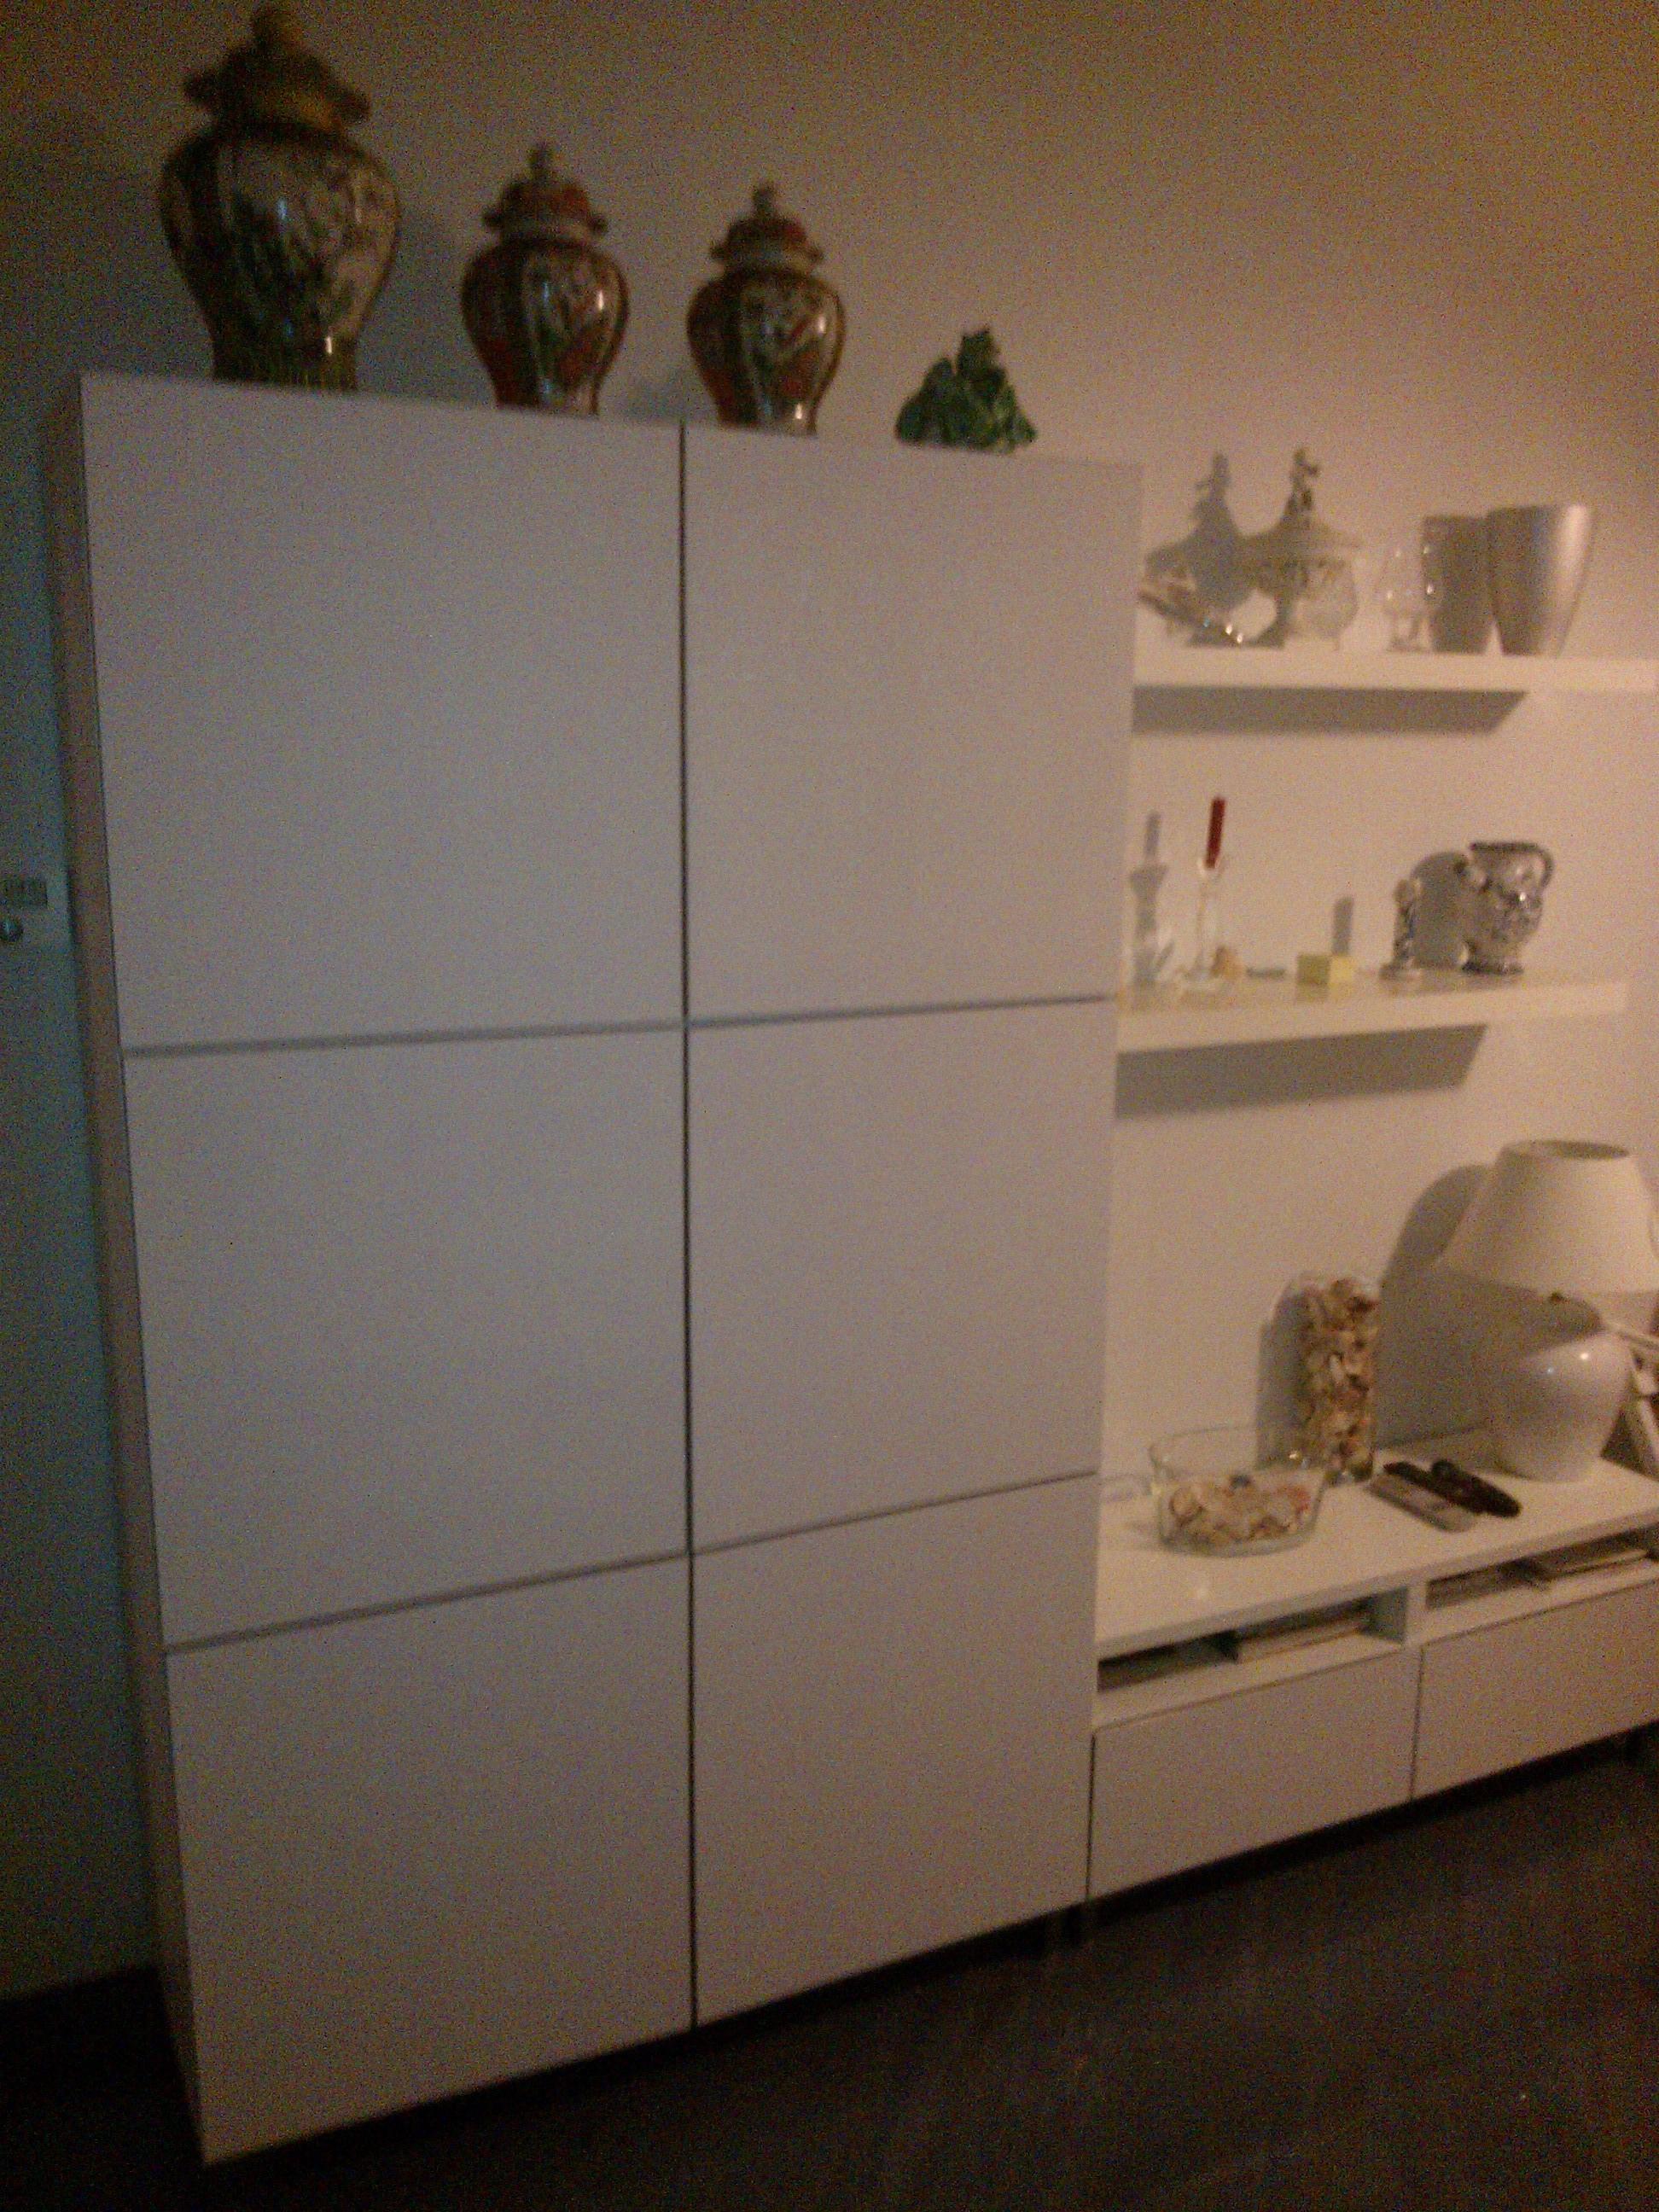 Montaggio mobili ikea e affini - Montaggio mobili cucina ...